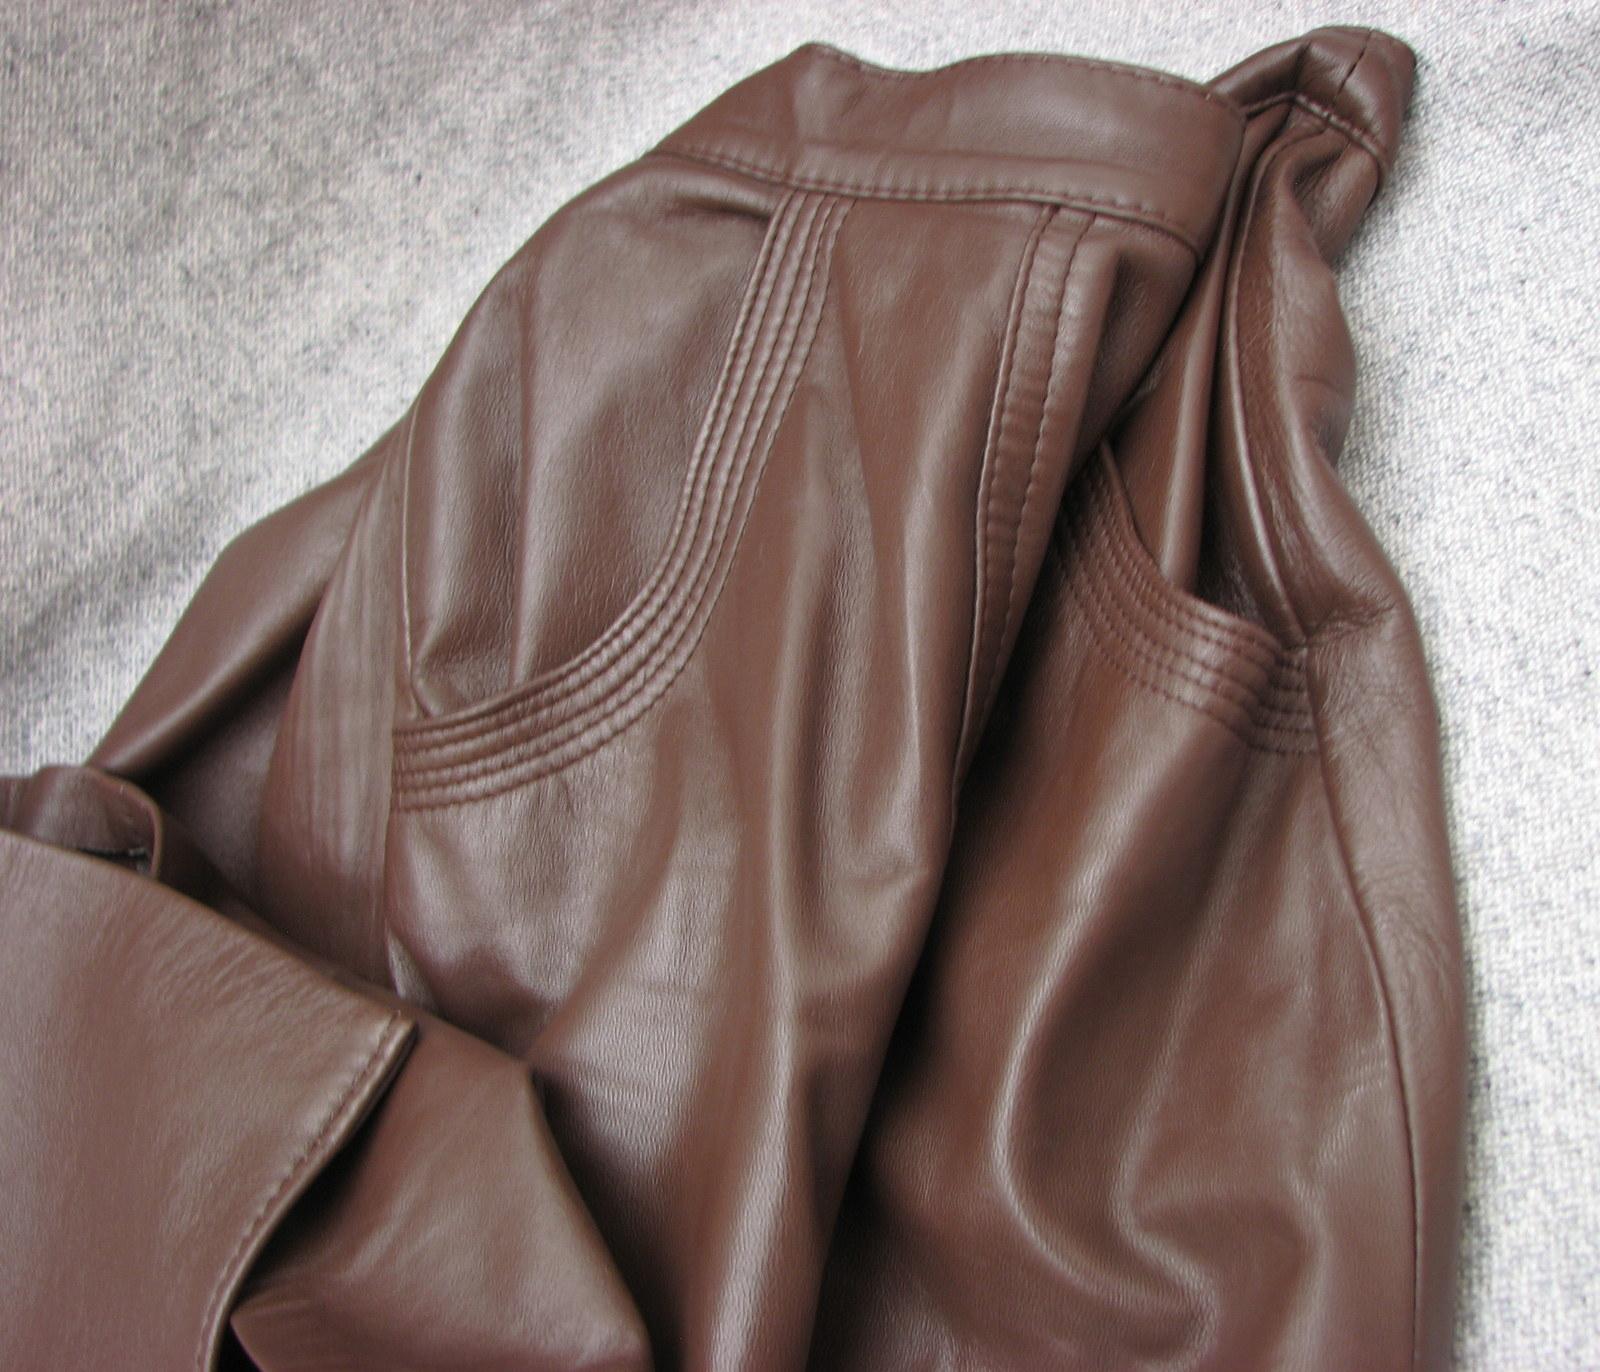 582a66b0b45e Jen tak koženě...hnědá kožená sukně   Zboží prodejce letokruhy